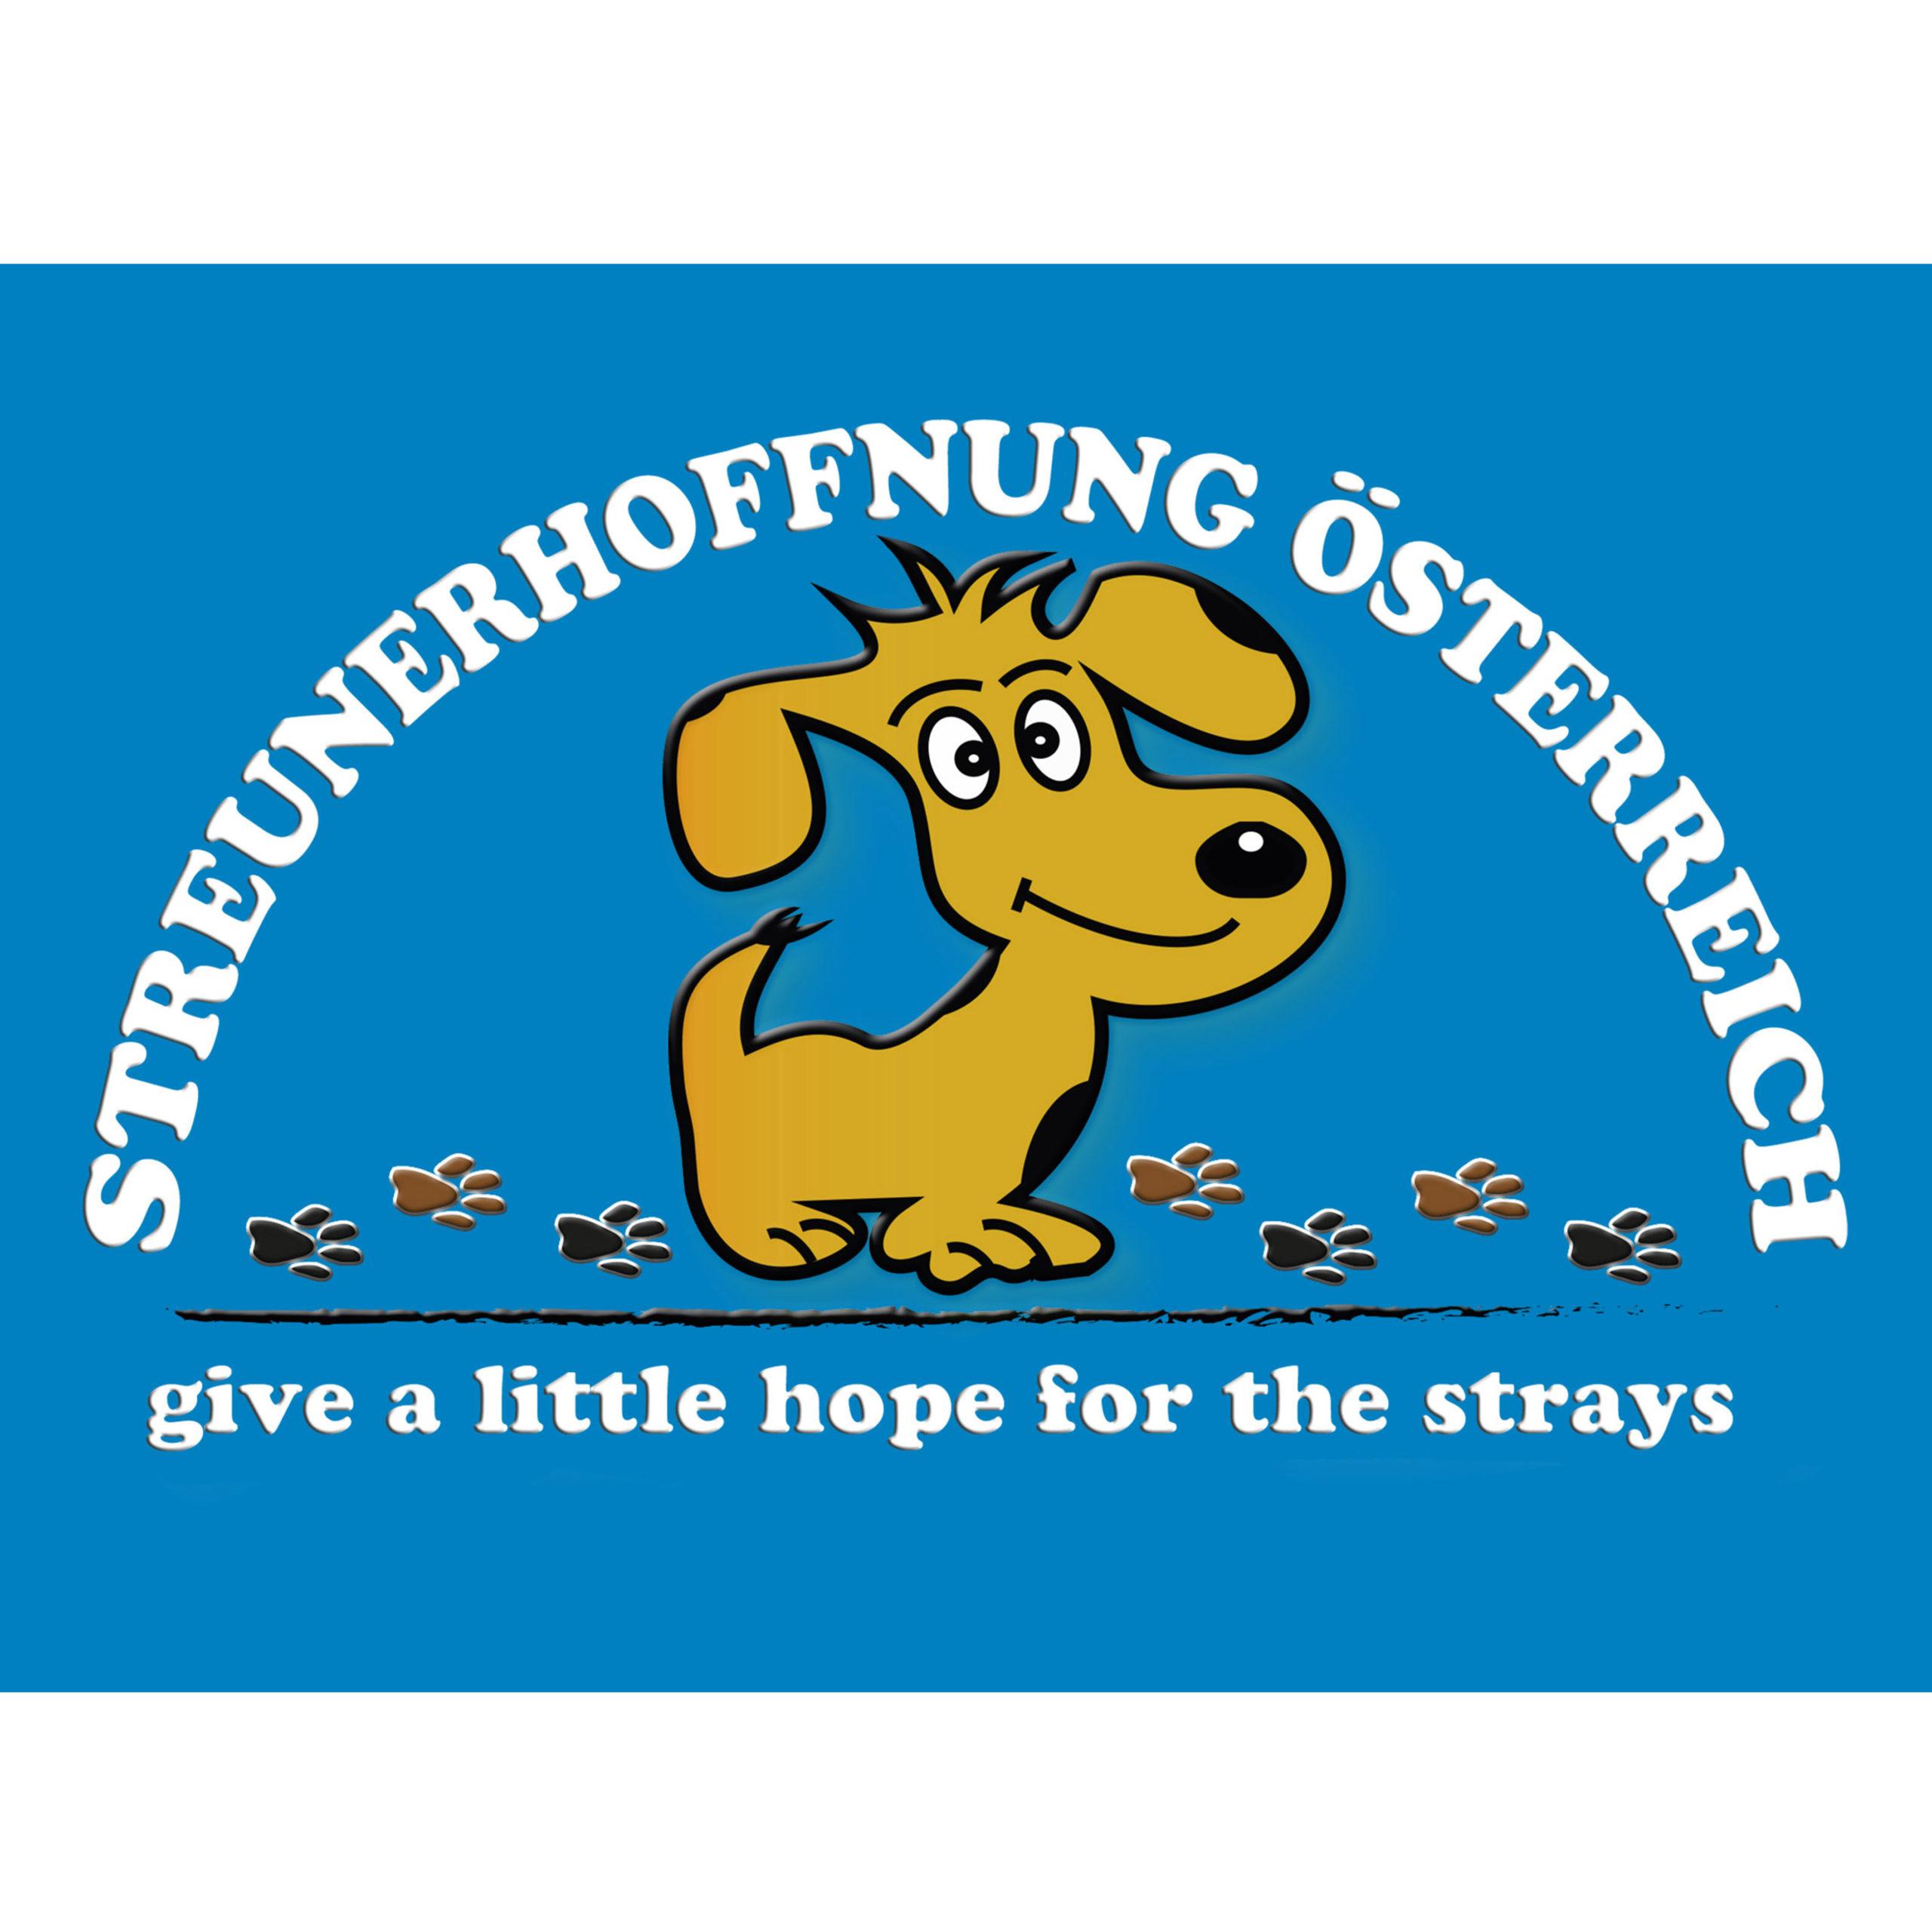 Streunerhoffnung_Website